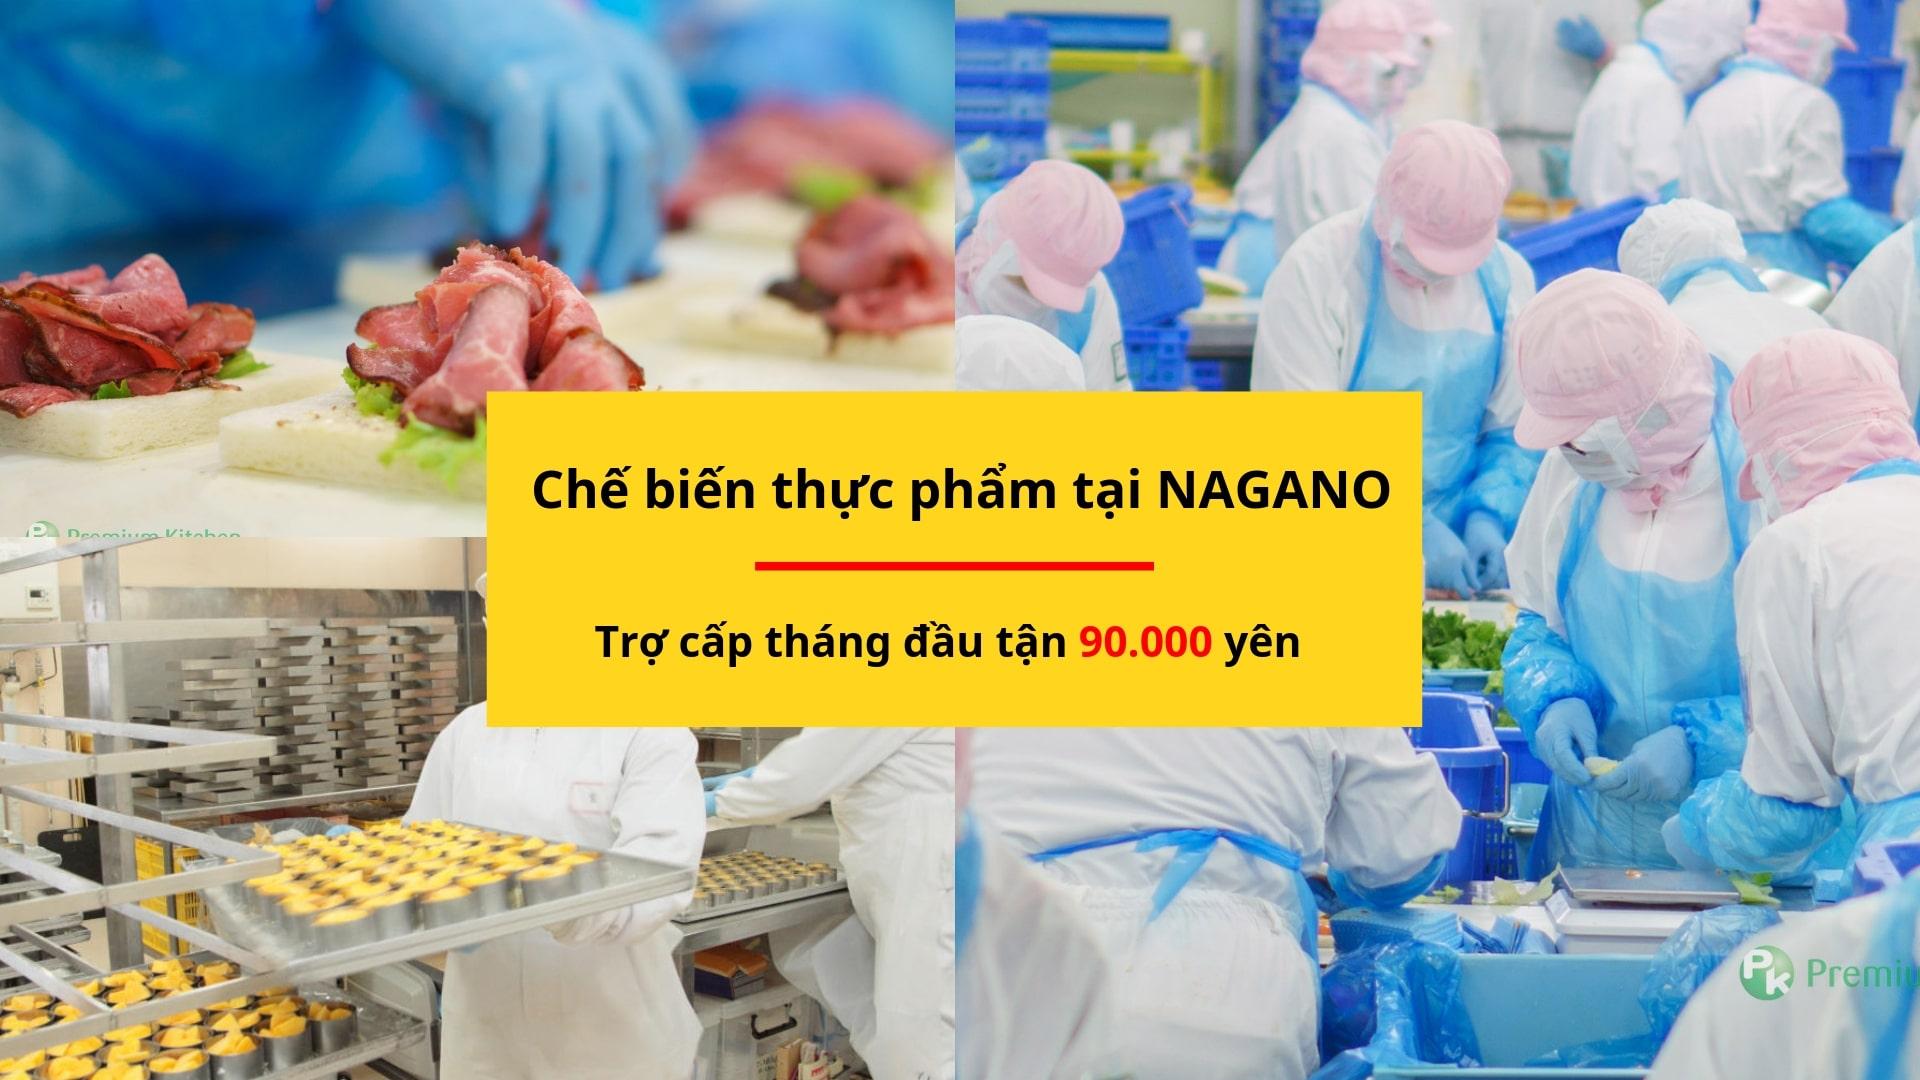 Tuyển 15 nam/nữ chế biến thực phẩm tại Nagano – trợ cấp KHỦNG